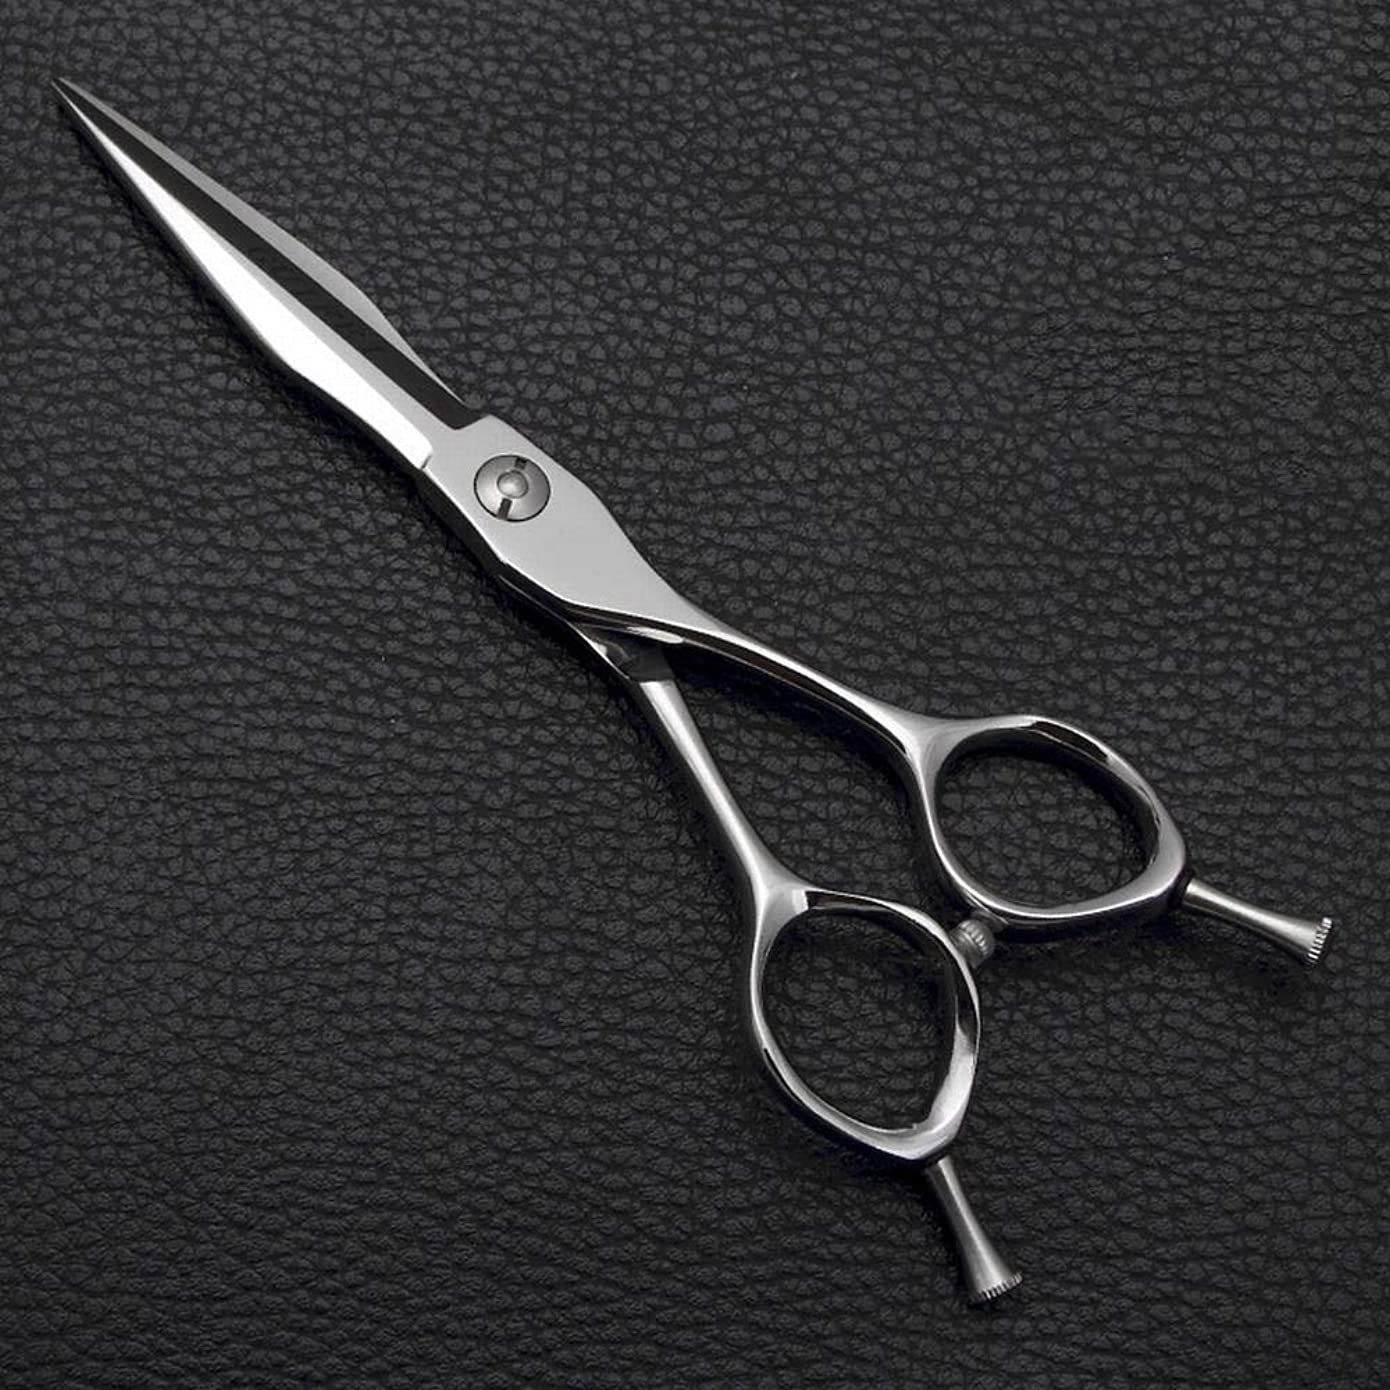 湖シャット症候群理髪用はさみ 6インチプロフェッショナル理髪はさみフラットシザー前髪せん断、家族理髪ツールセットヘアカット鋏ステンレス理髪はさみ (色 : Silver)